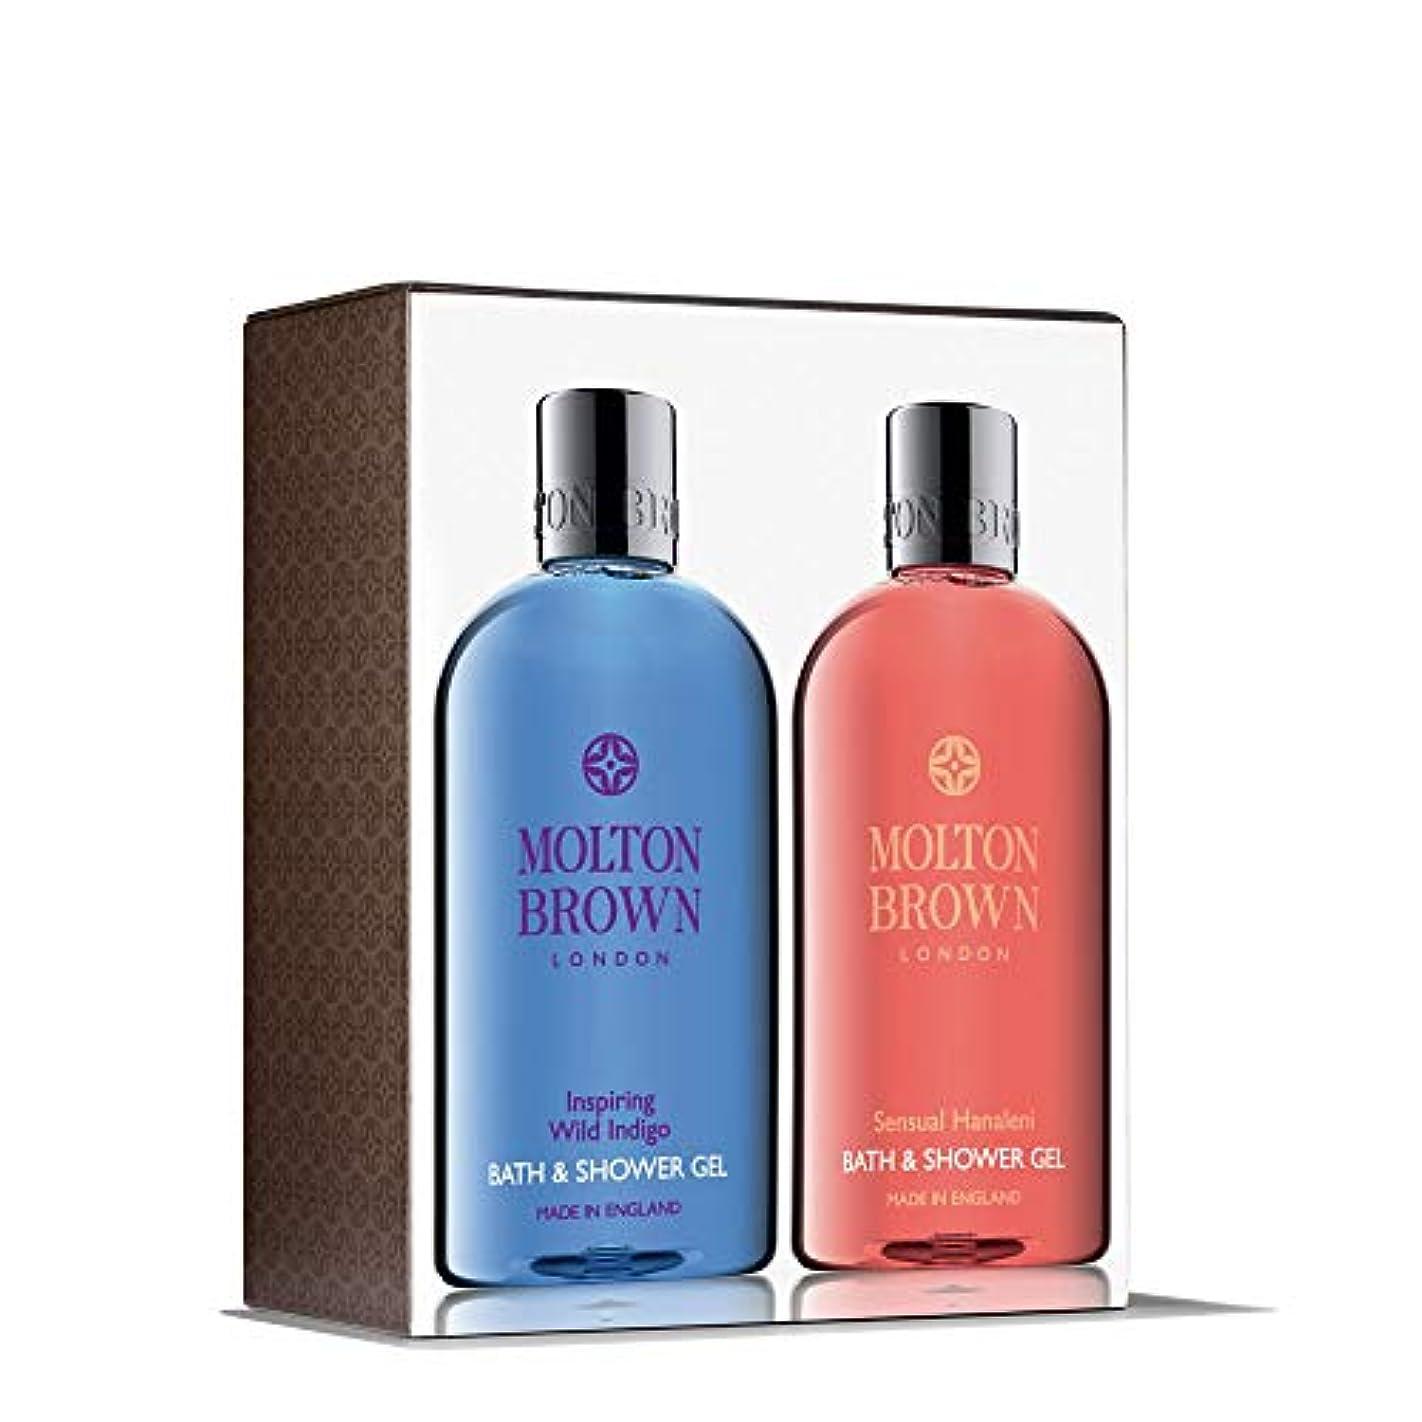 ジョットディボンドン選択思い出すMOLTON BROWN(モルトンブラウン) ワイルドインディゴ アンド ハナレニ ベージング セット